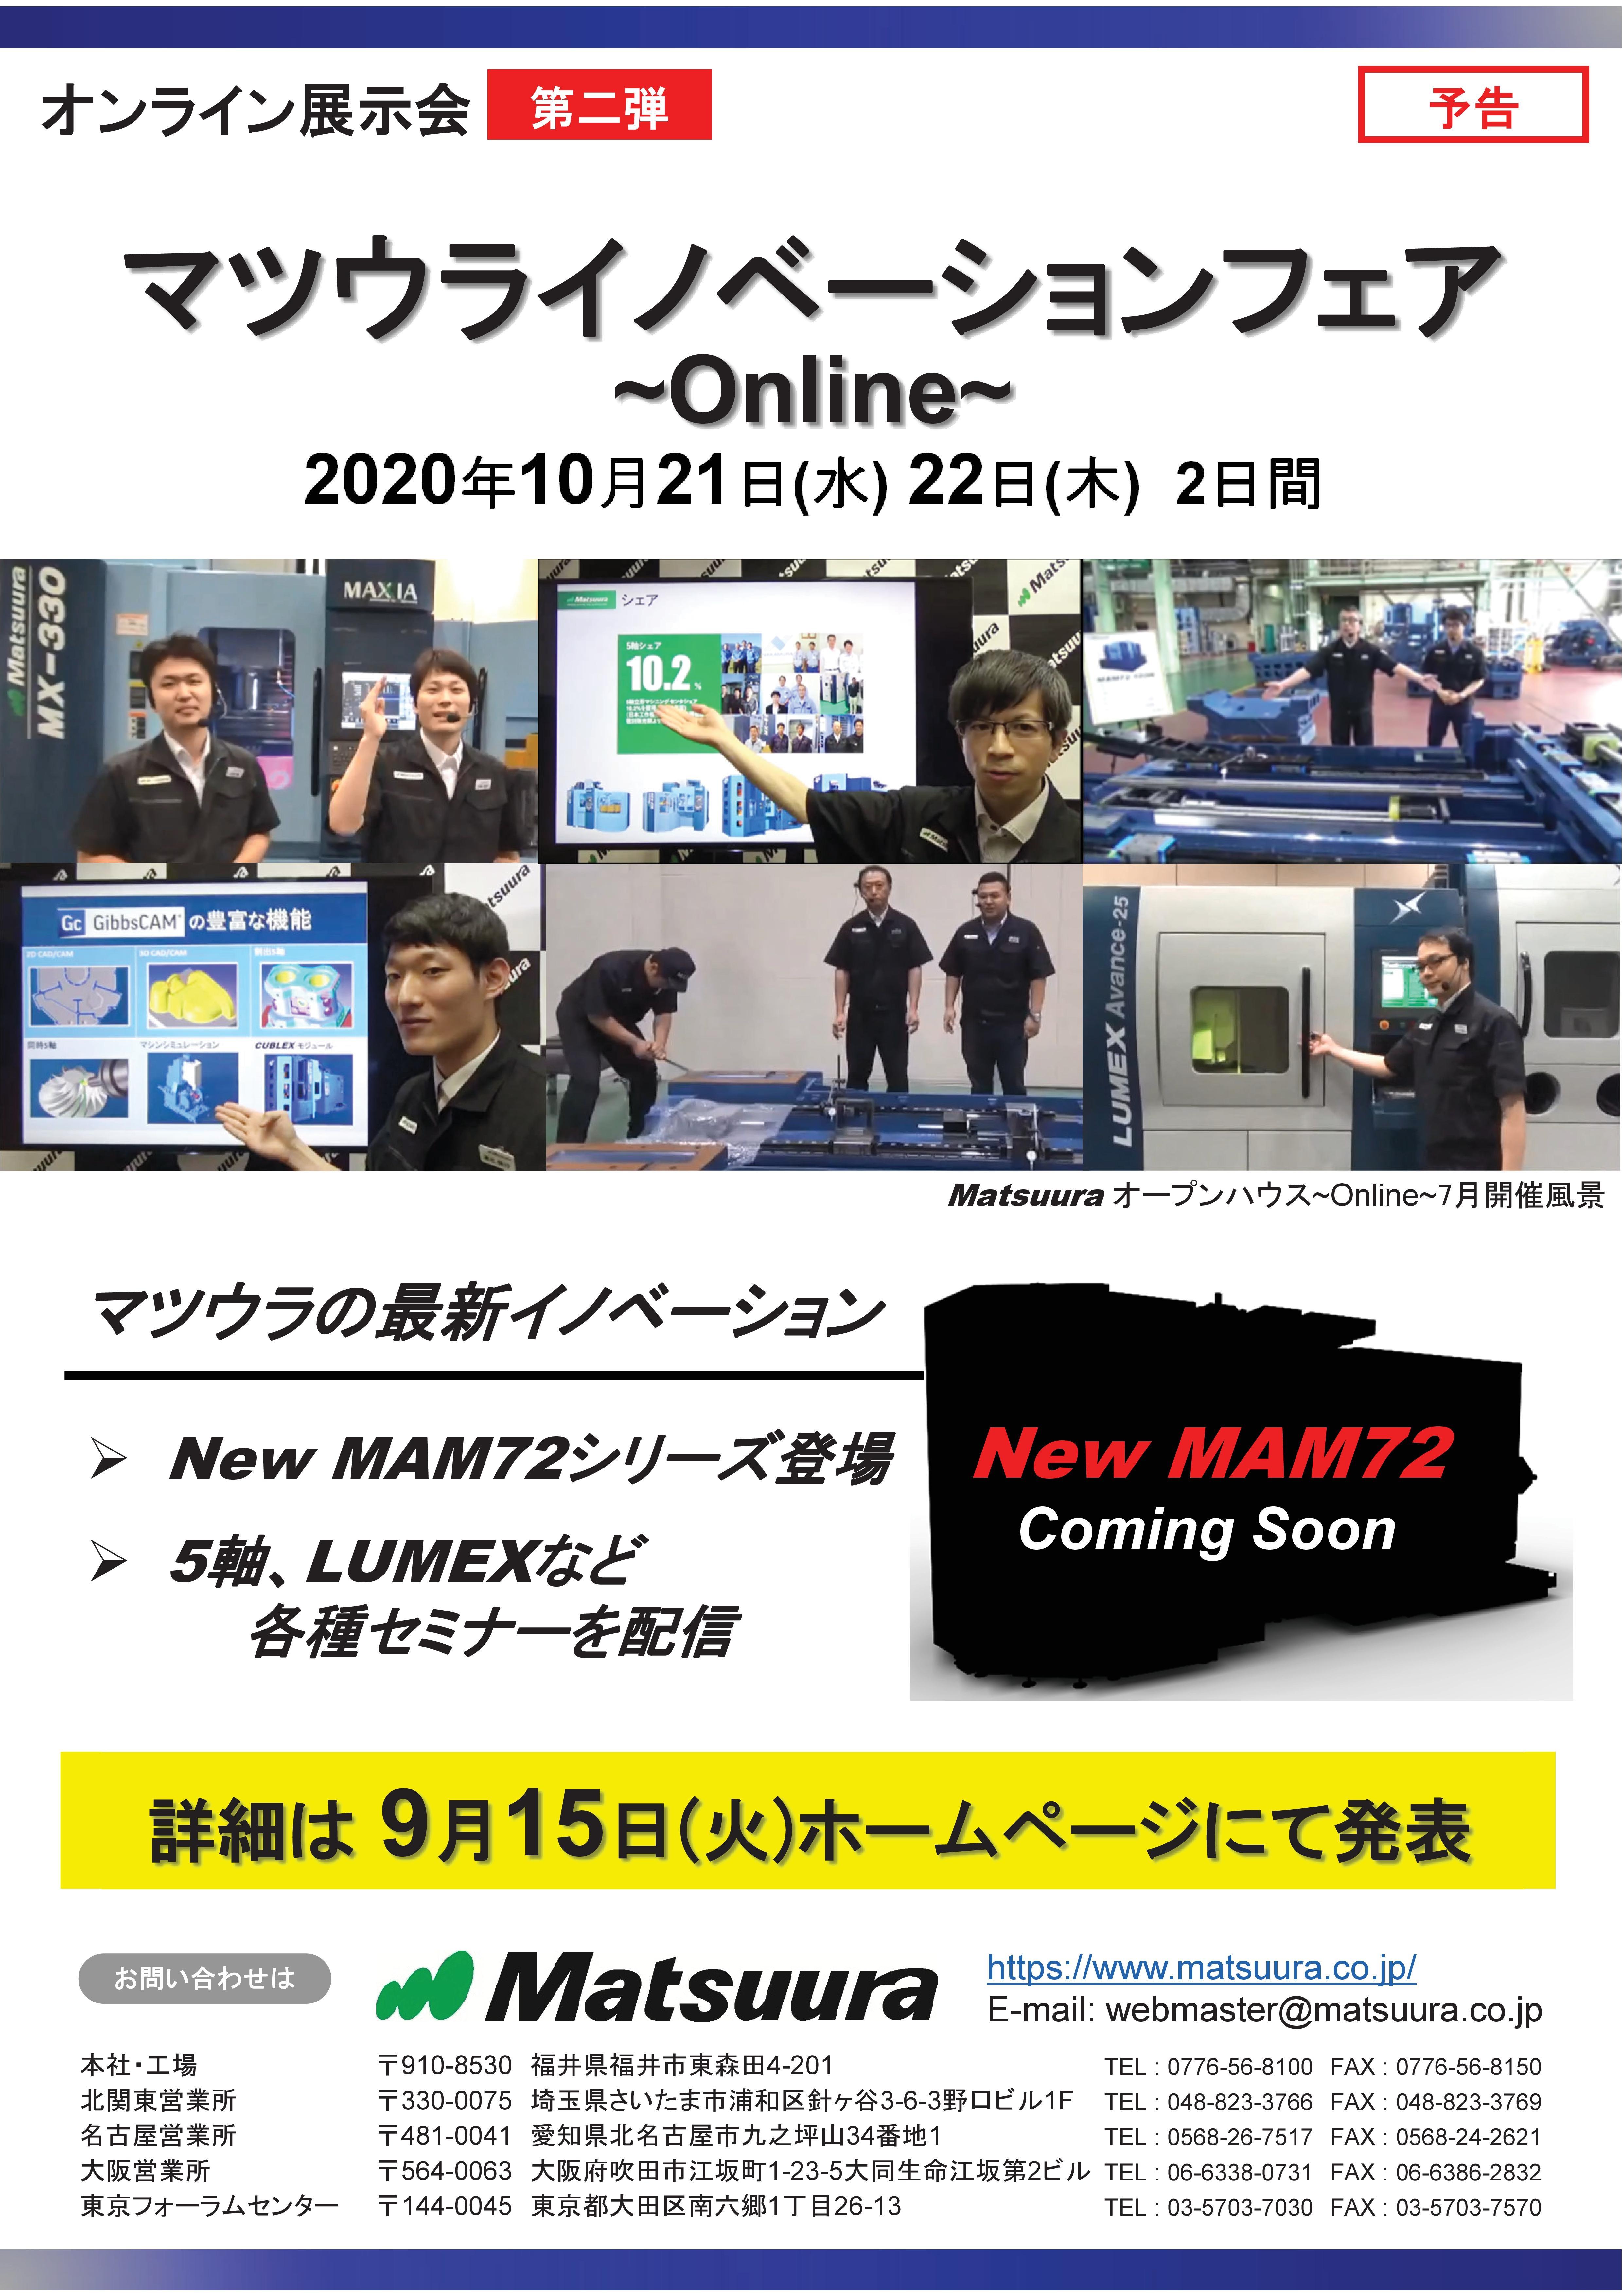 【10月開催】松浦機械製作所「マツウライノベーションフェア〜Online〜」開催のお知らせ